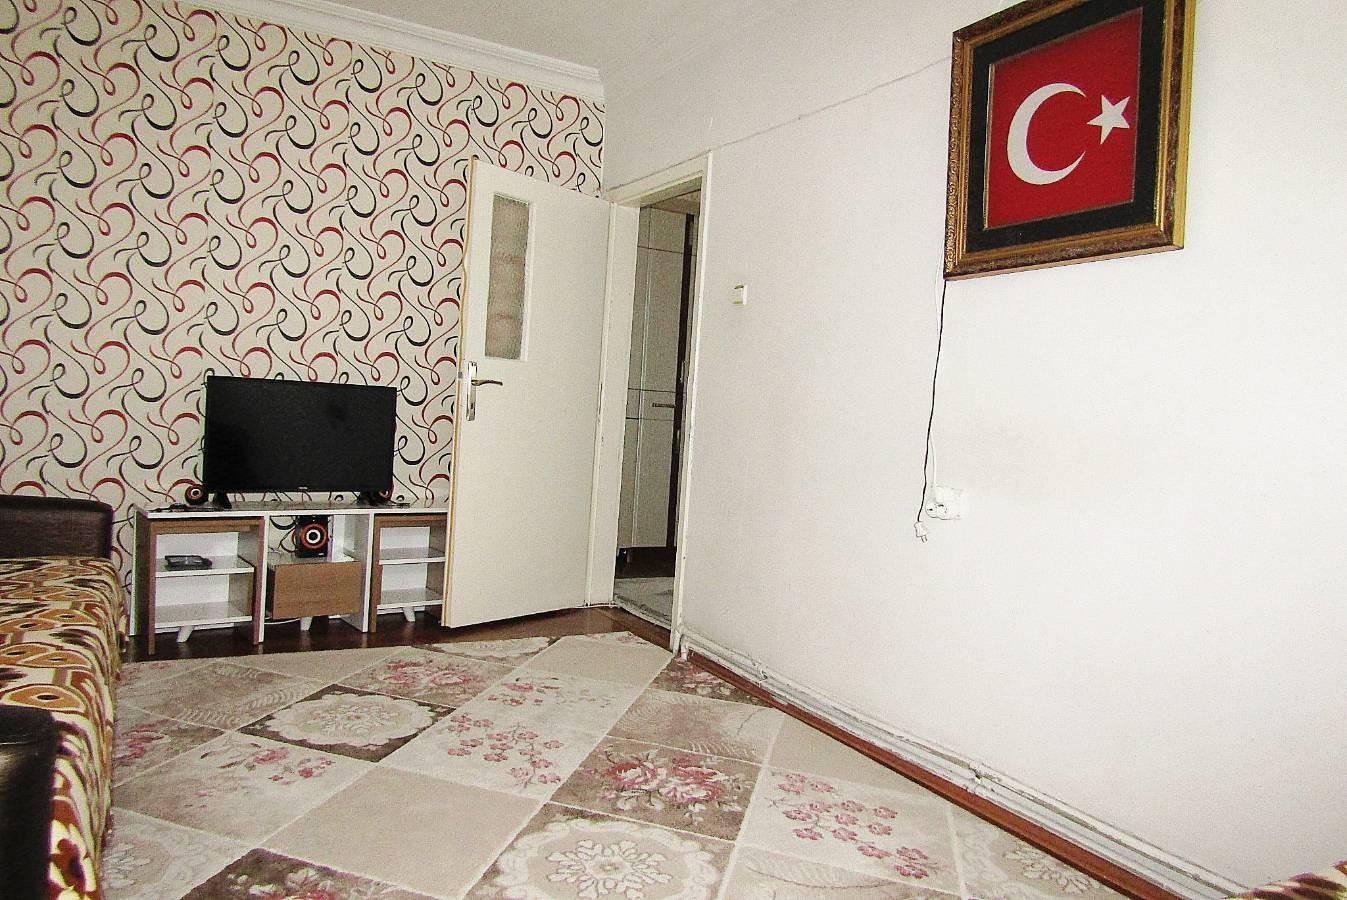 SR EMLAK'TAN SÜVARİ MAH'DE 3+1 110m² ULAŞIMA YAKIN ÖN CEPHE DAİRE